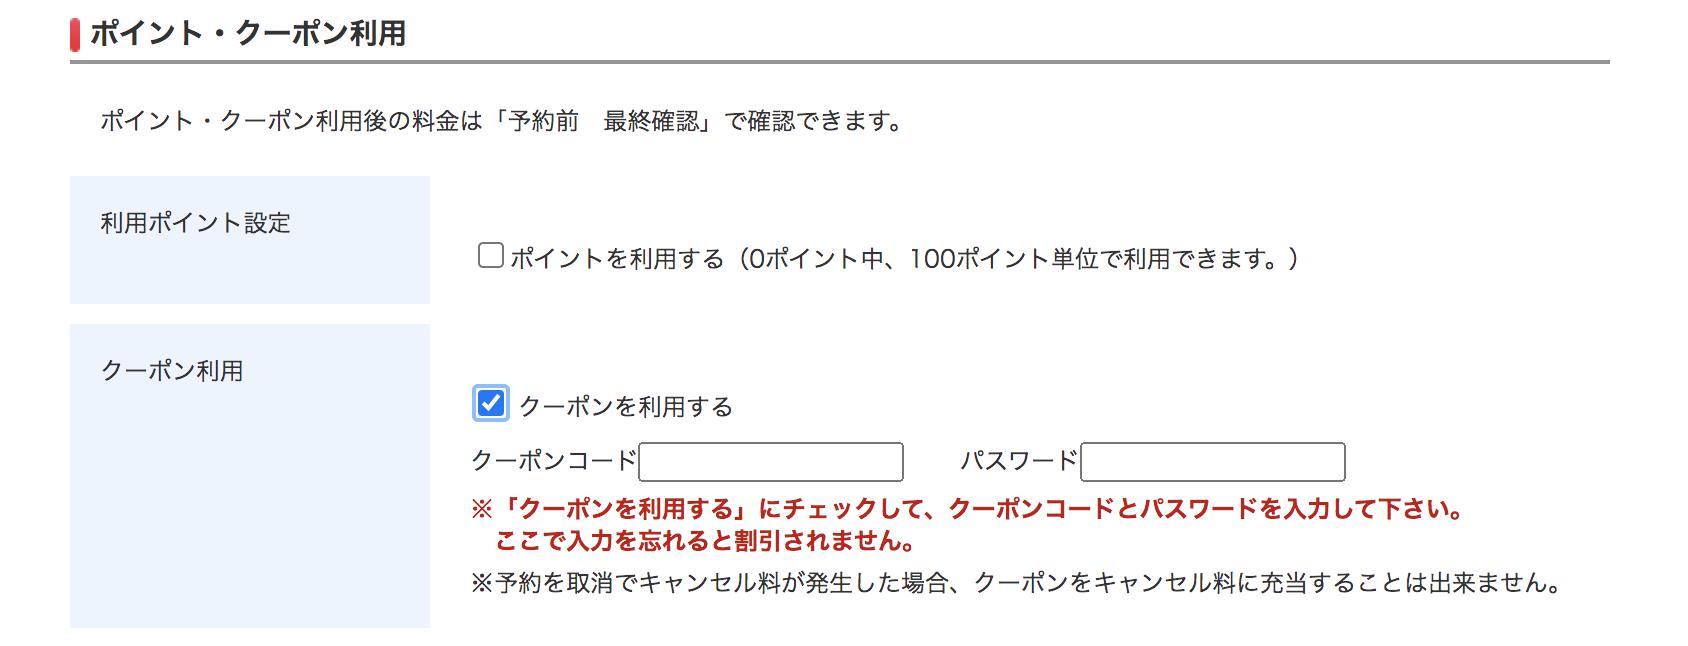 東京ディズニーシー・ホテルミラコスタ|GoToトラベルキャンペーン対象の宿泊予約画面